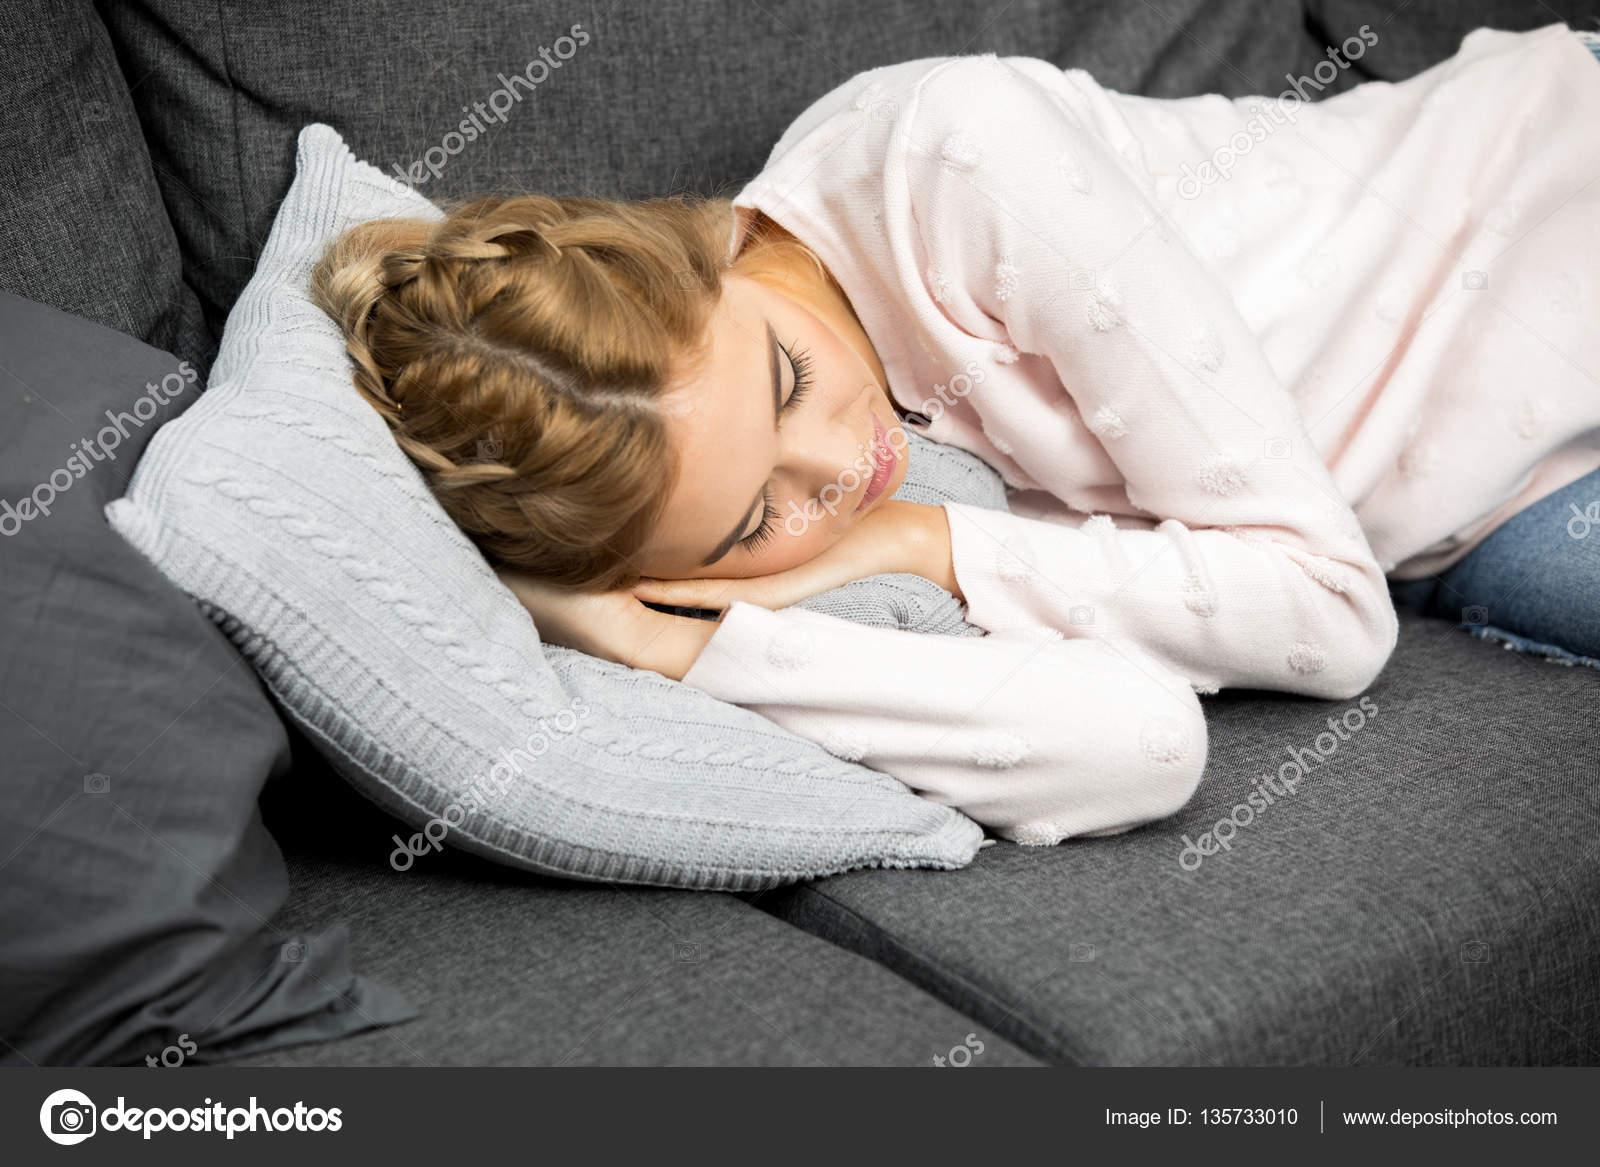 Трахнул красивую сестру пока она спала, У брата и сестры одна комната на двоих - видео ролик 13 фотография